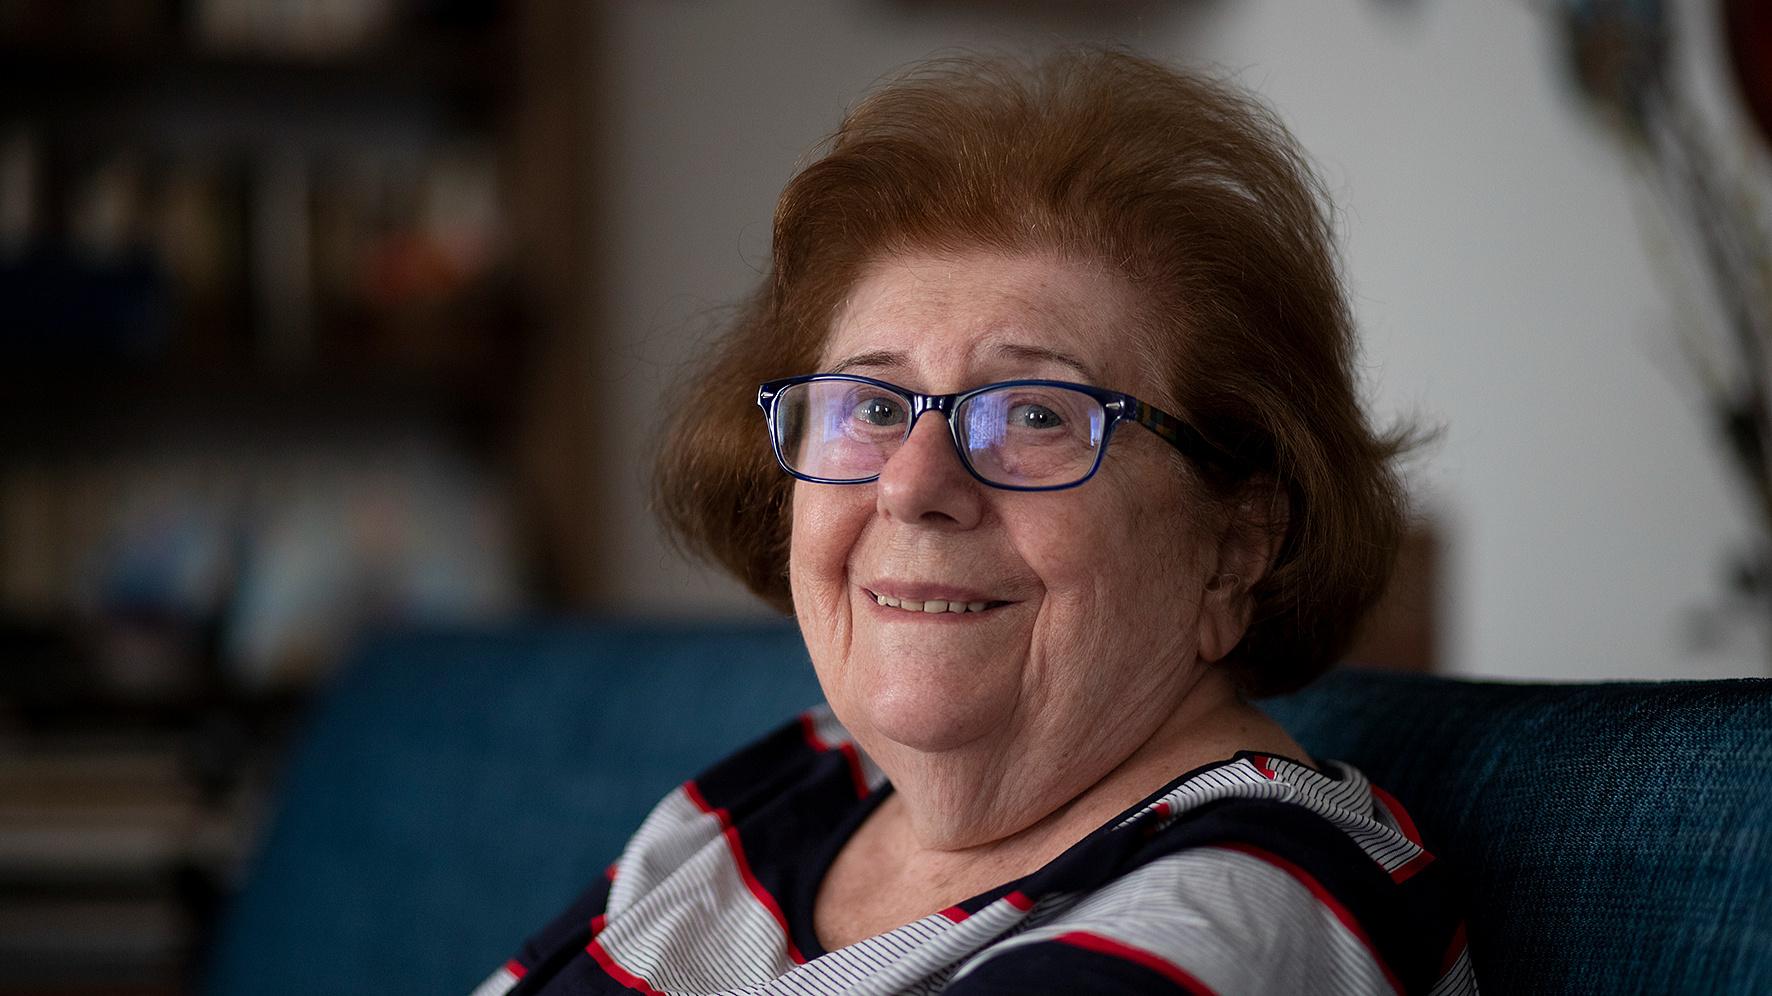 Jó néha megpróbálni, tudok-e vízen járni – Interjú a 90 éves Keleti Évával